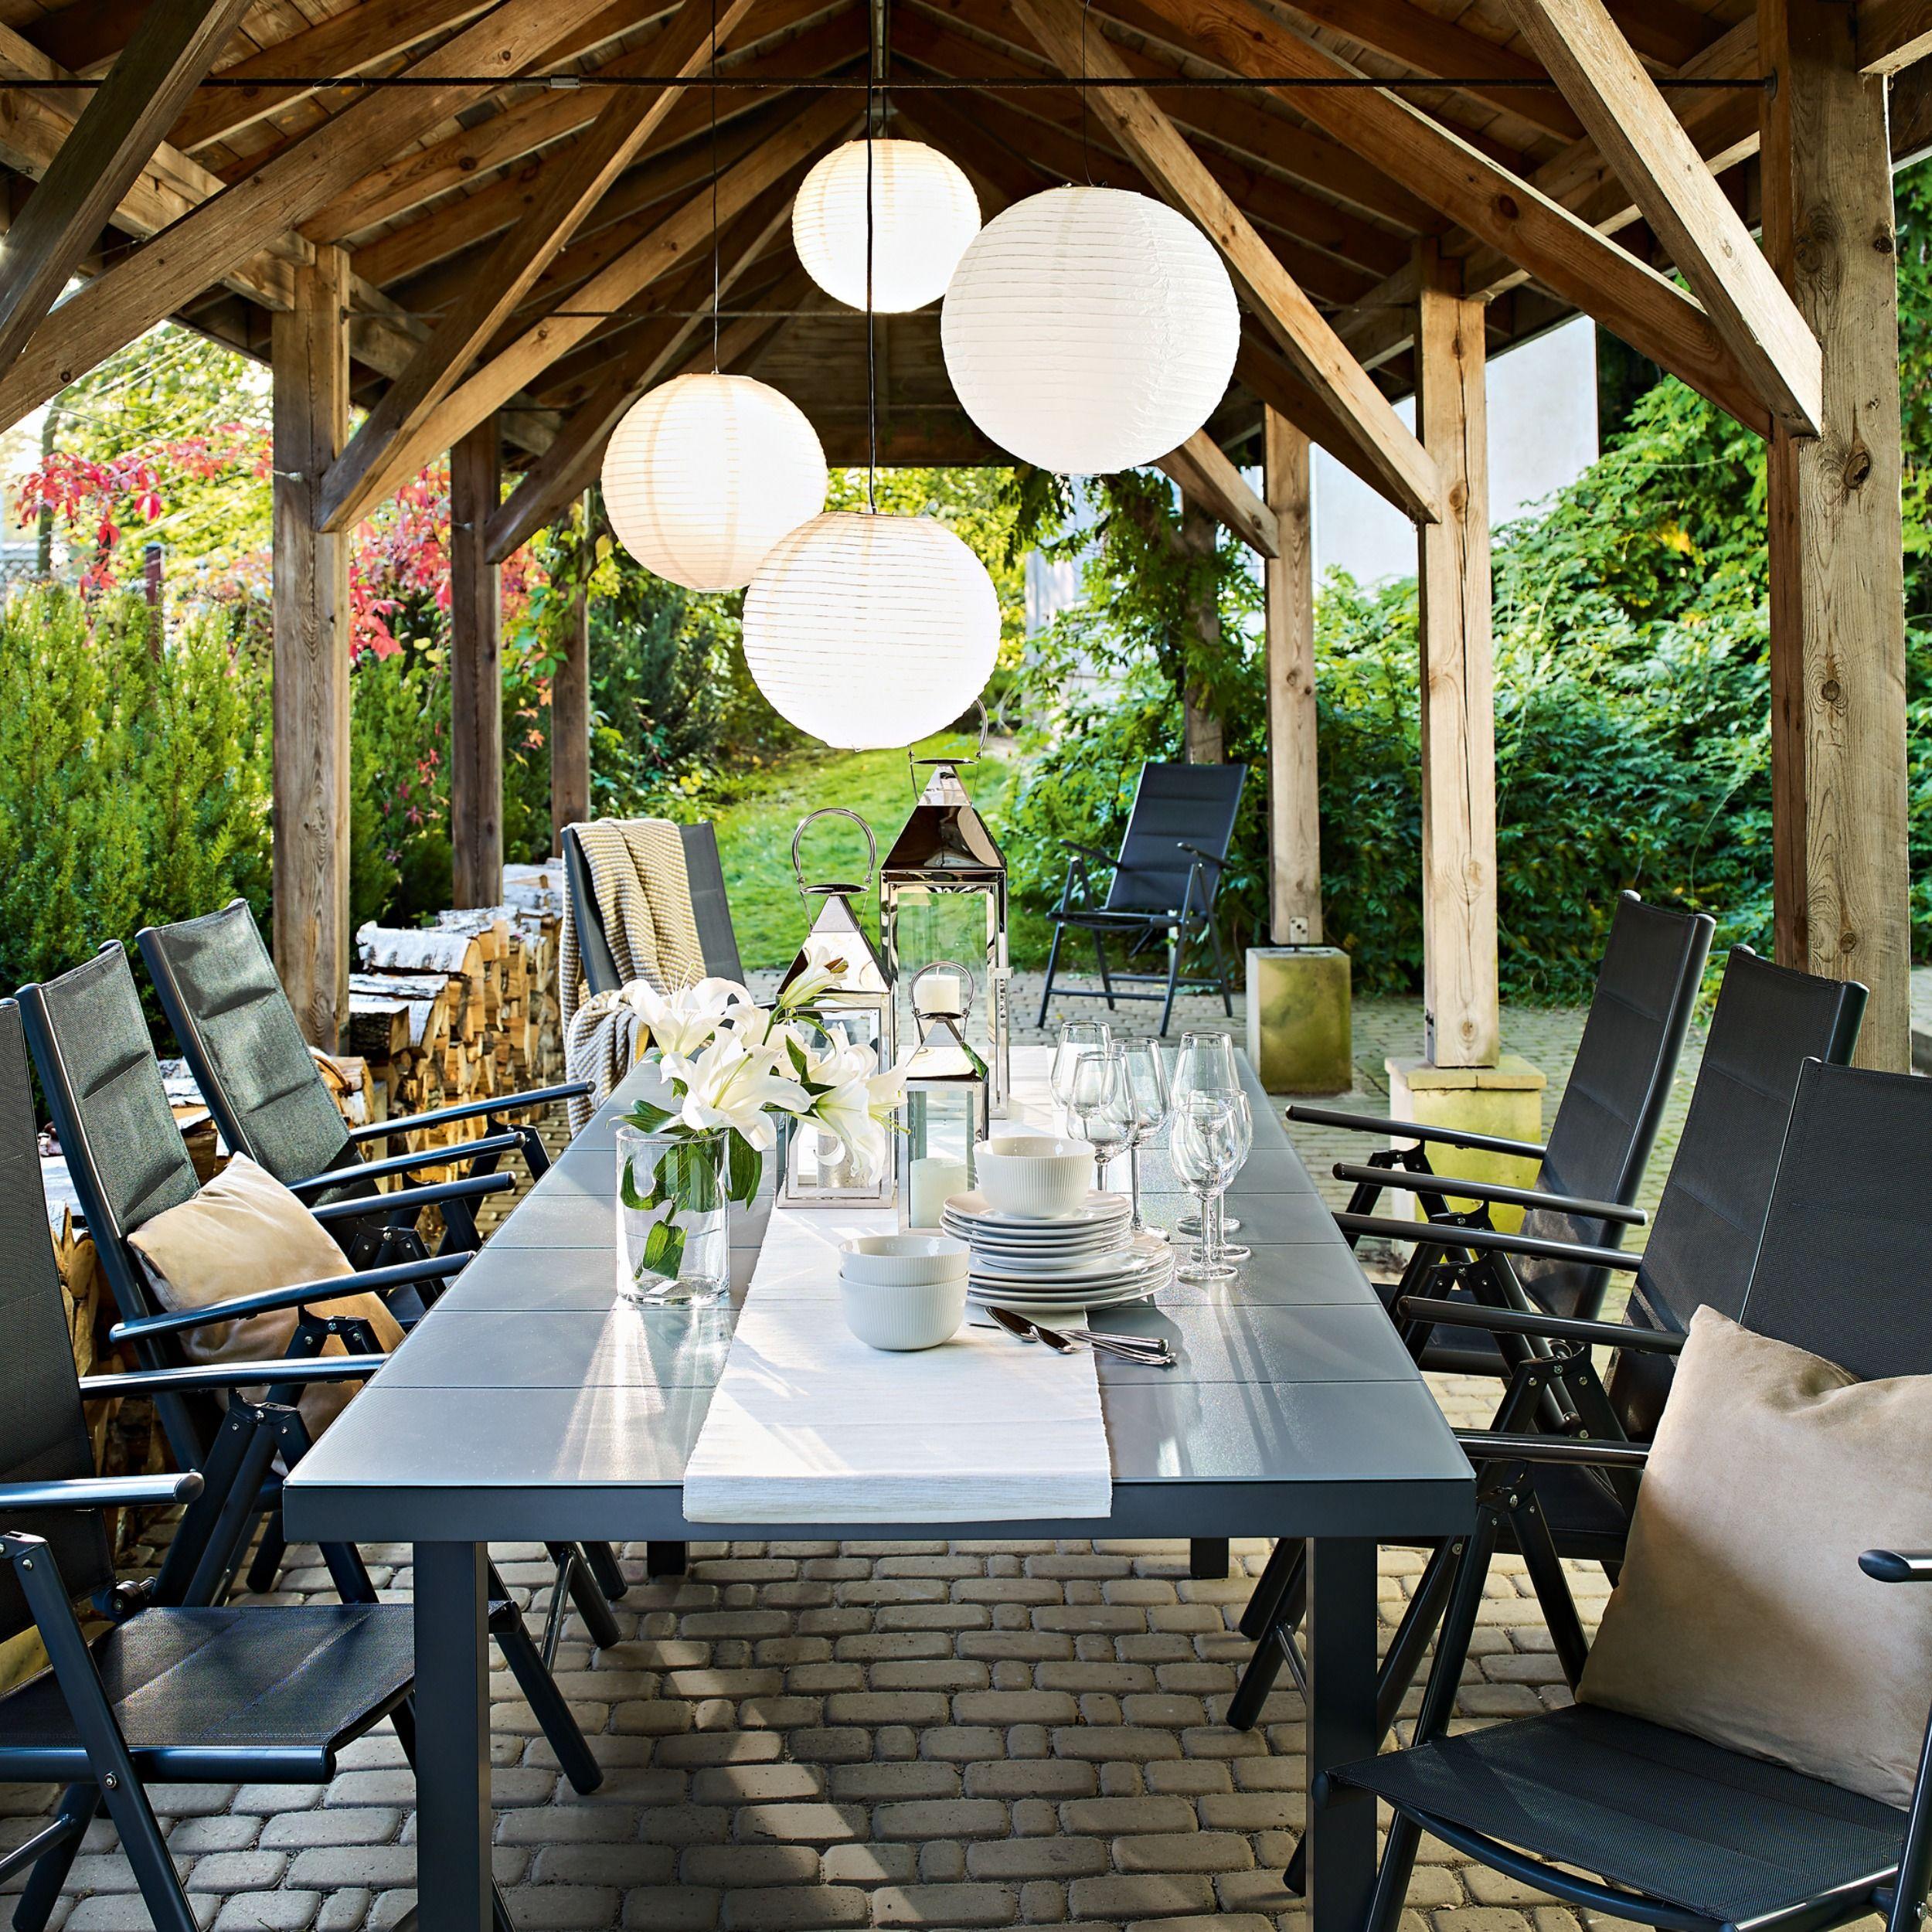 Komplet Mebli Ogrodowych Lukka Meble Wypoczynkowe Do Ogrodu W Atrakcyjnej Cenie W Sklepach Leroy Merlin Outdoor Furniture Furniture Home Decor